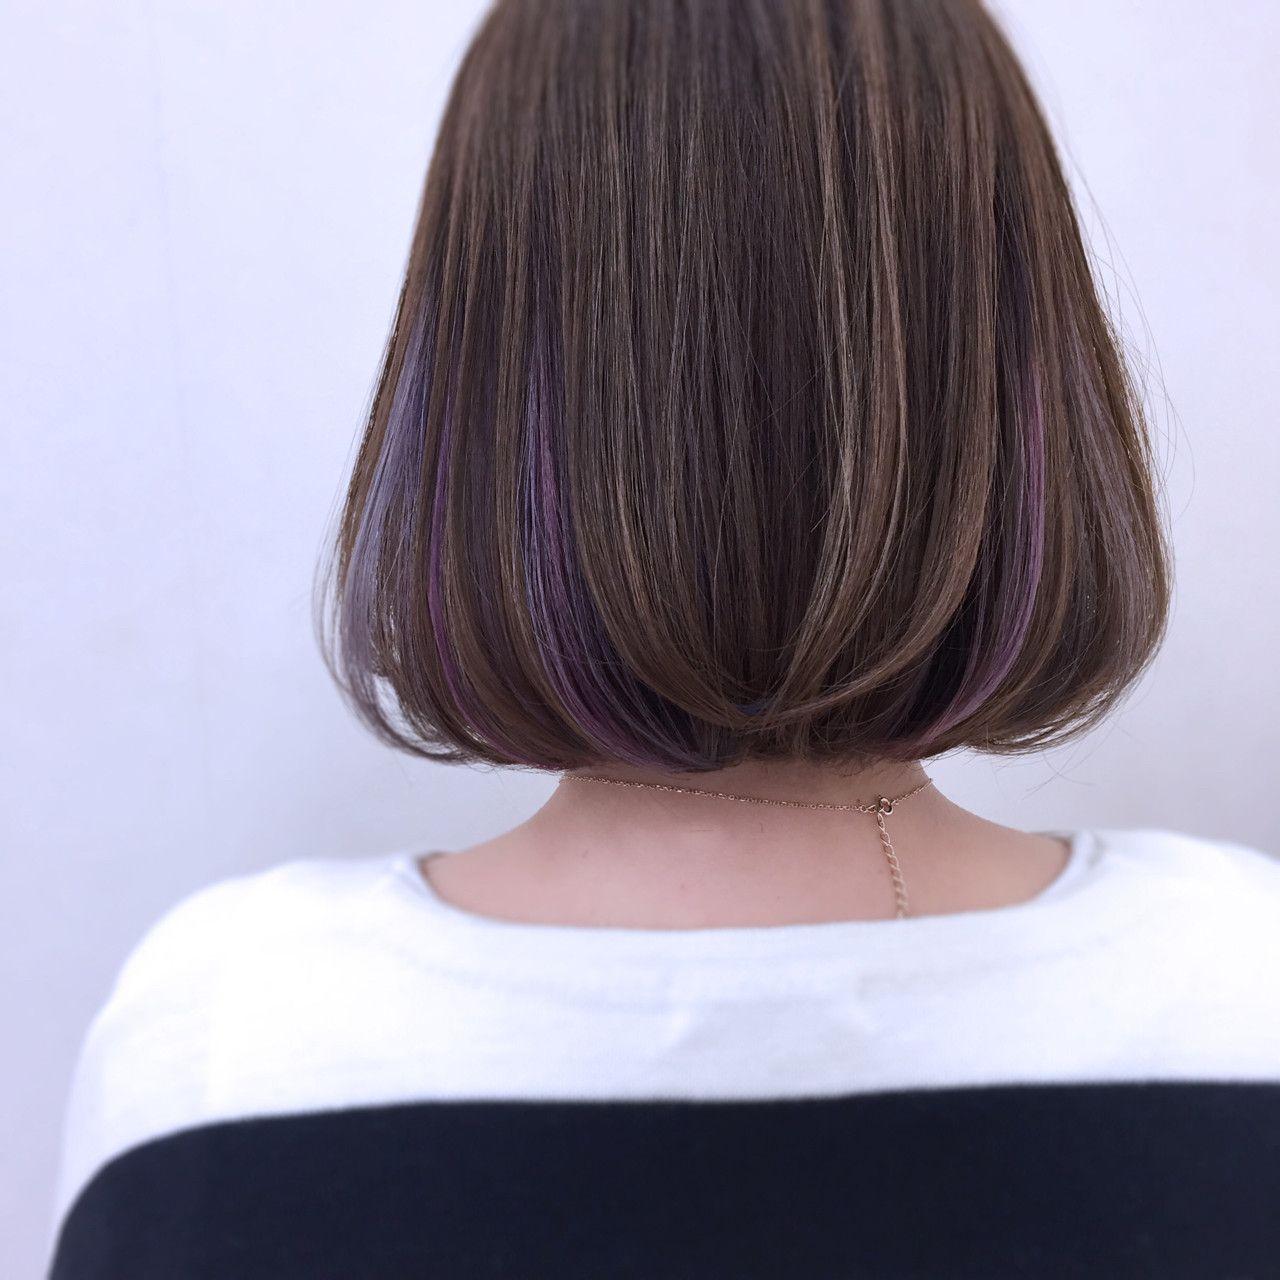 紫のアンサンブルインナーカラー 髪型 女性 髪 色 ヘアスタイル